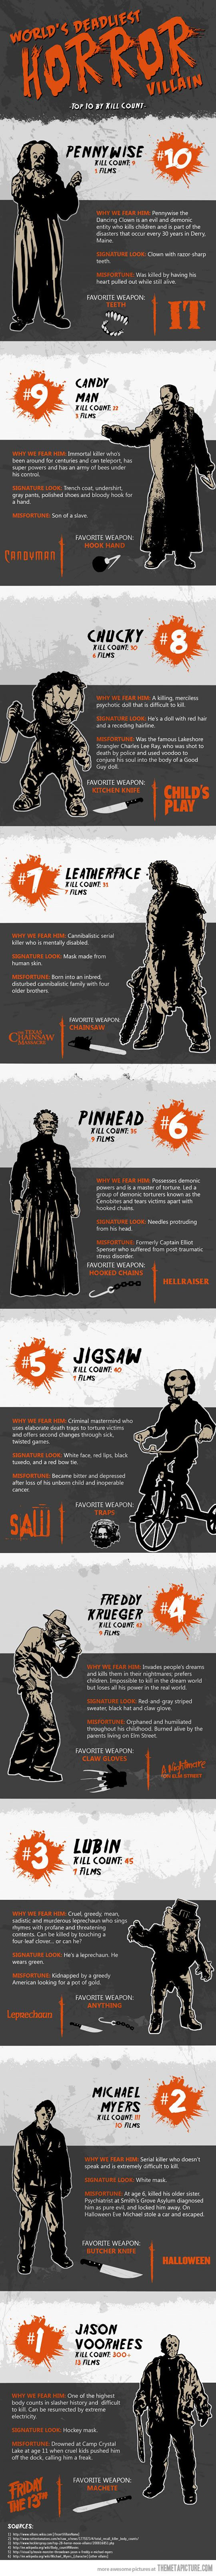 World's deadliest horror villain…